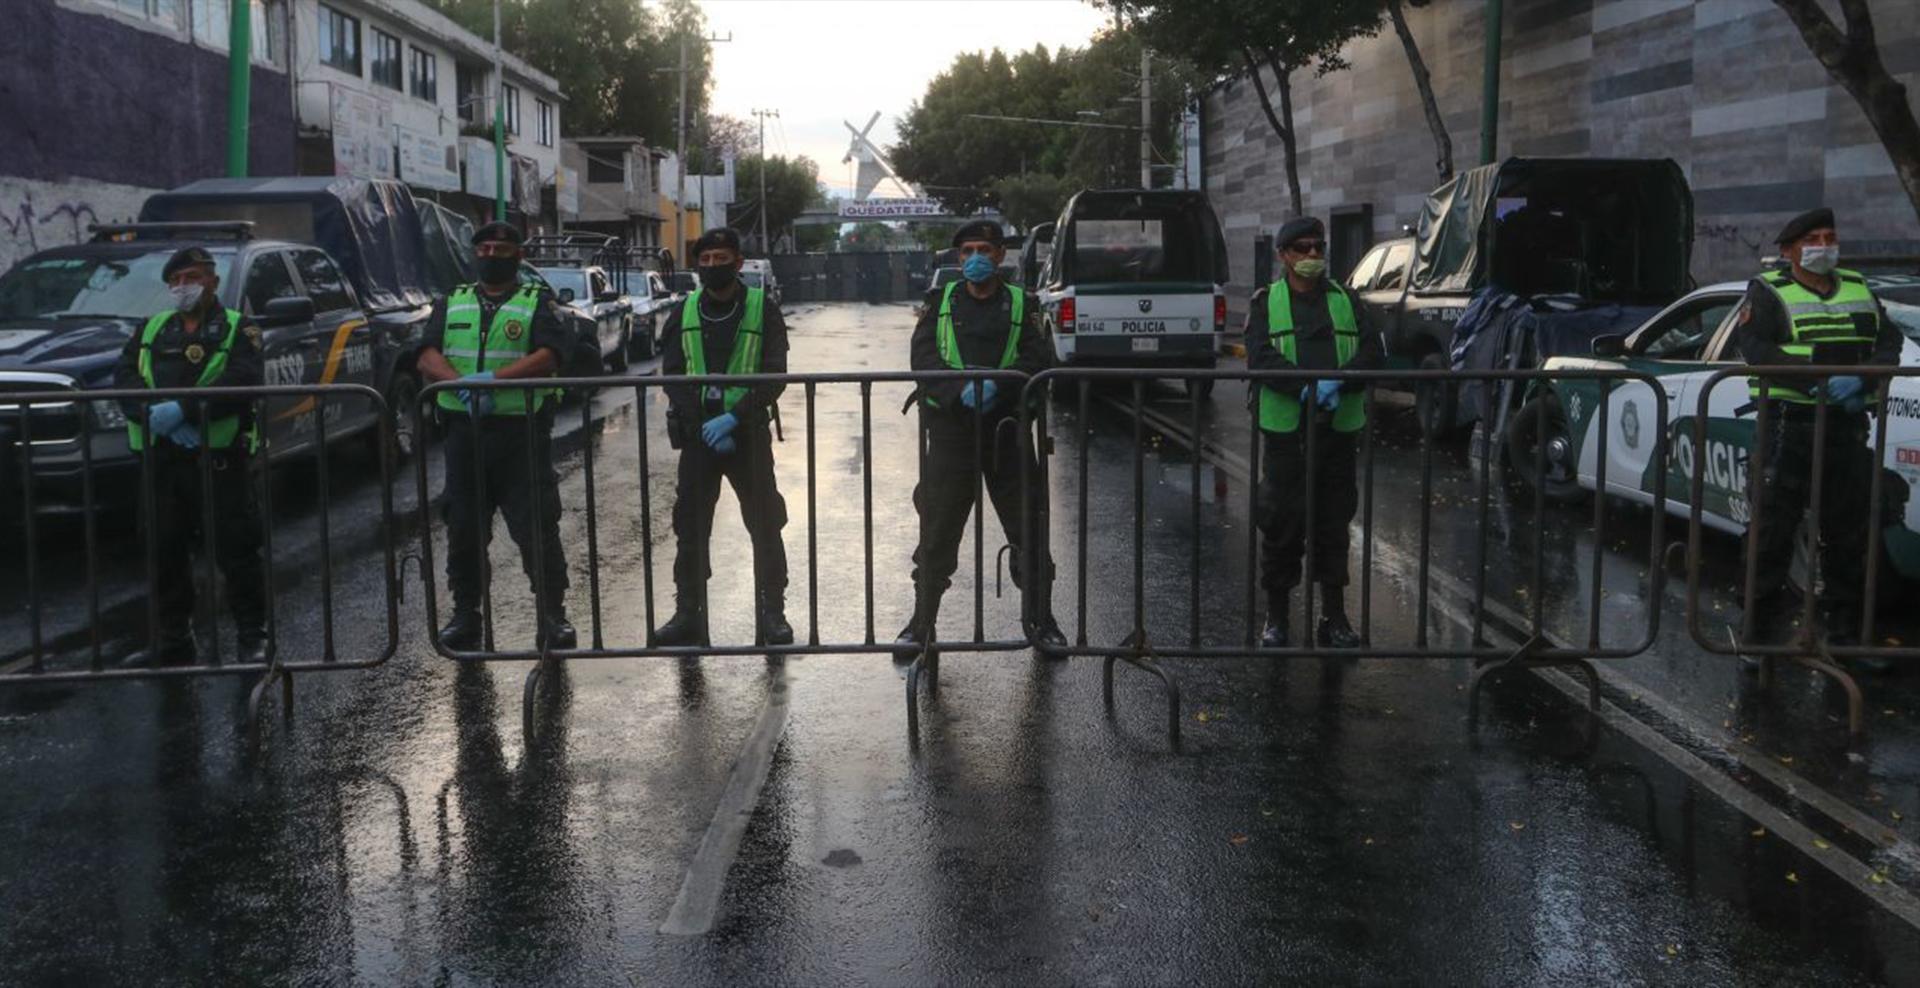 Elemento de la Secretaria de Seguridad Ciudadana resguardaron la Representación de Cristo en el Santuario La Cuevita, alcaldía Iztapalapa (Foto: Graciela López/Cuartoscuro)